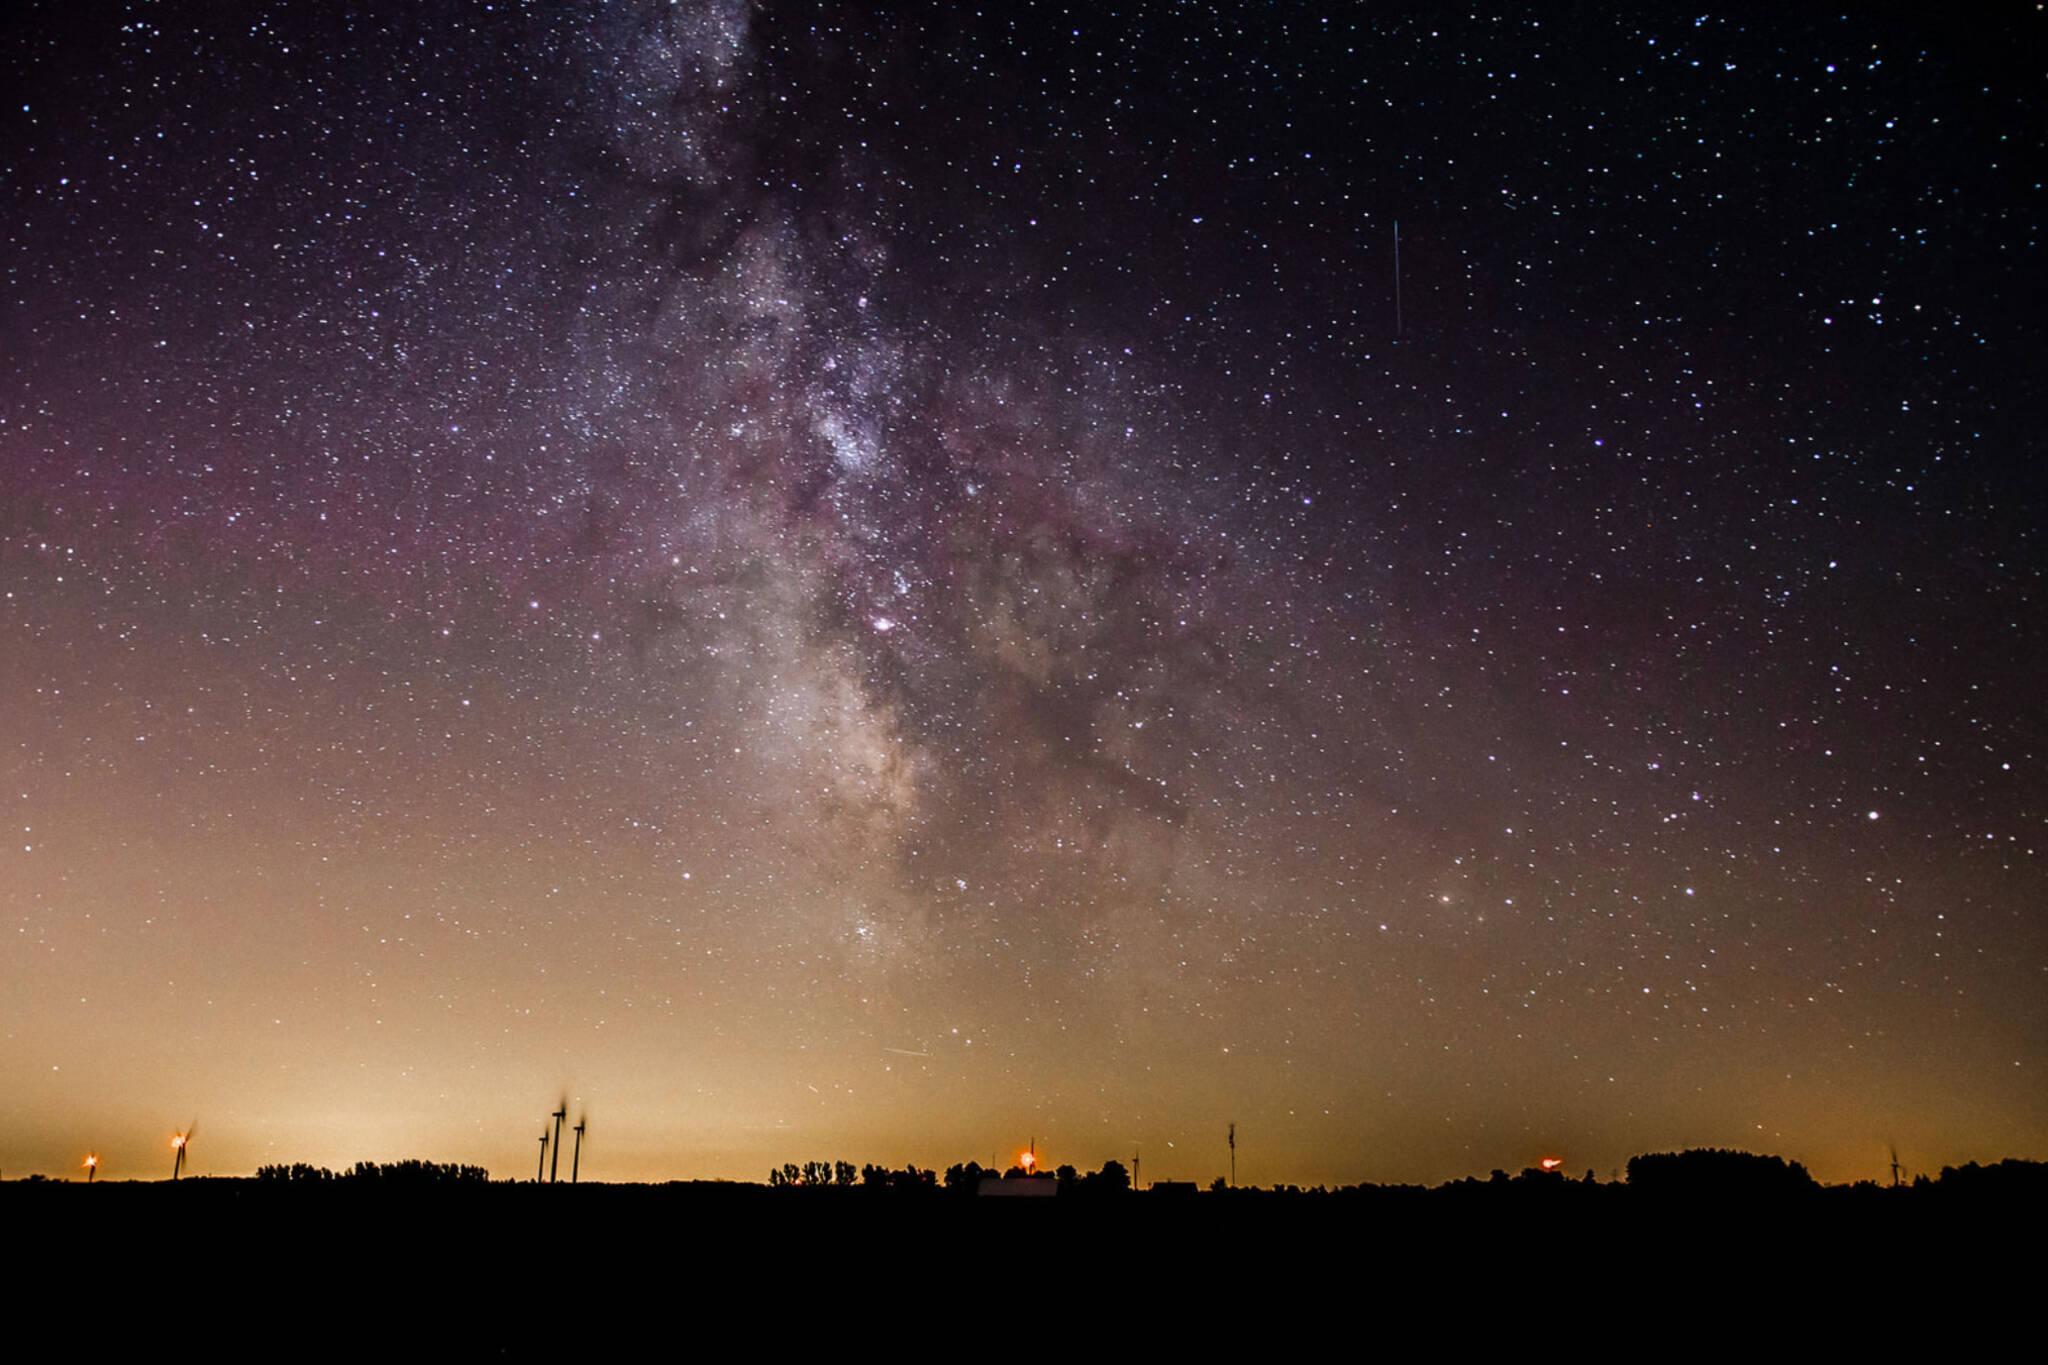 Perseid Meteor Shower august 2018